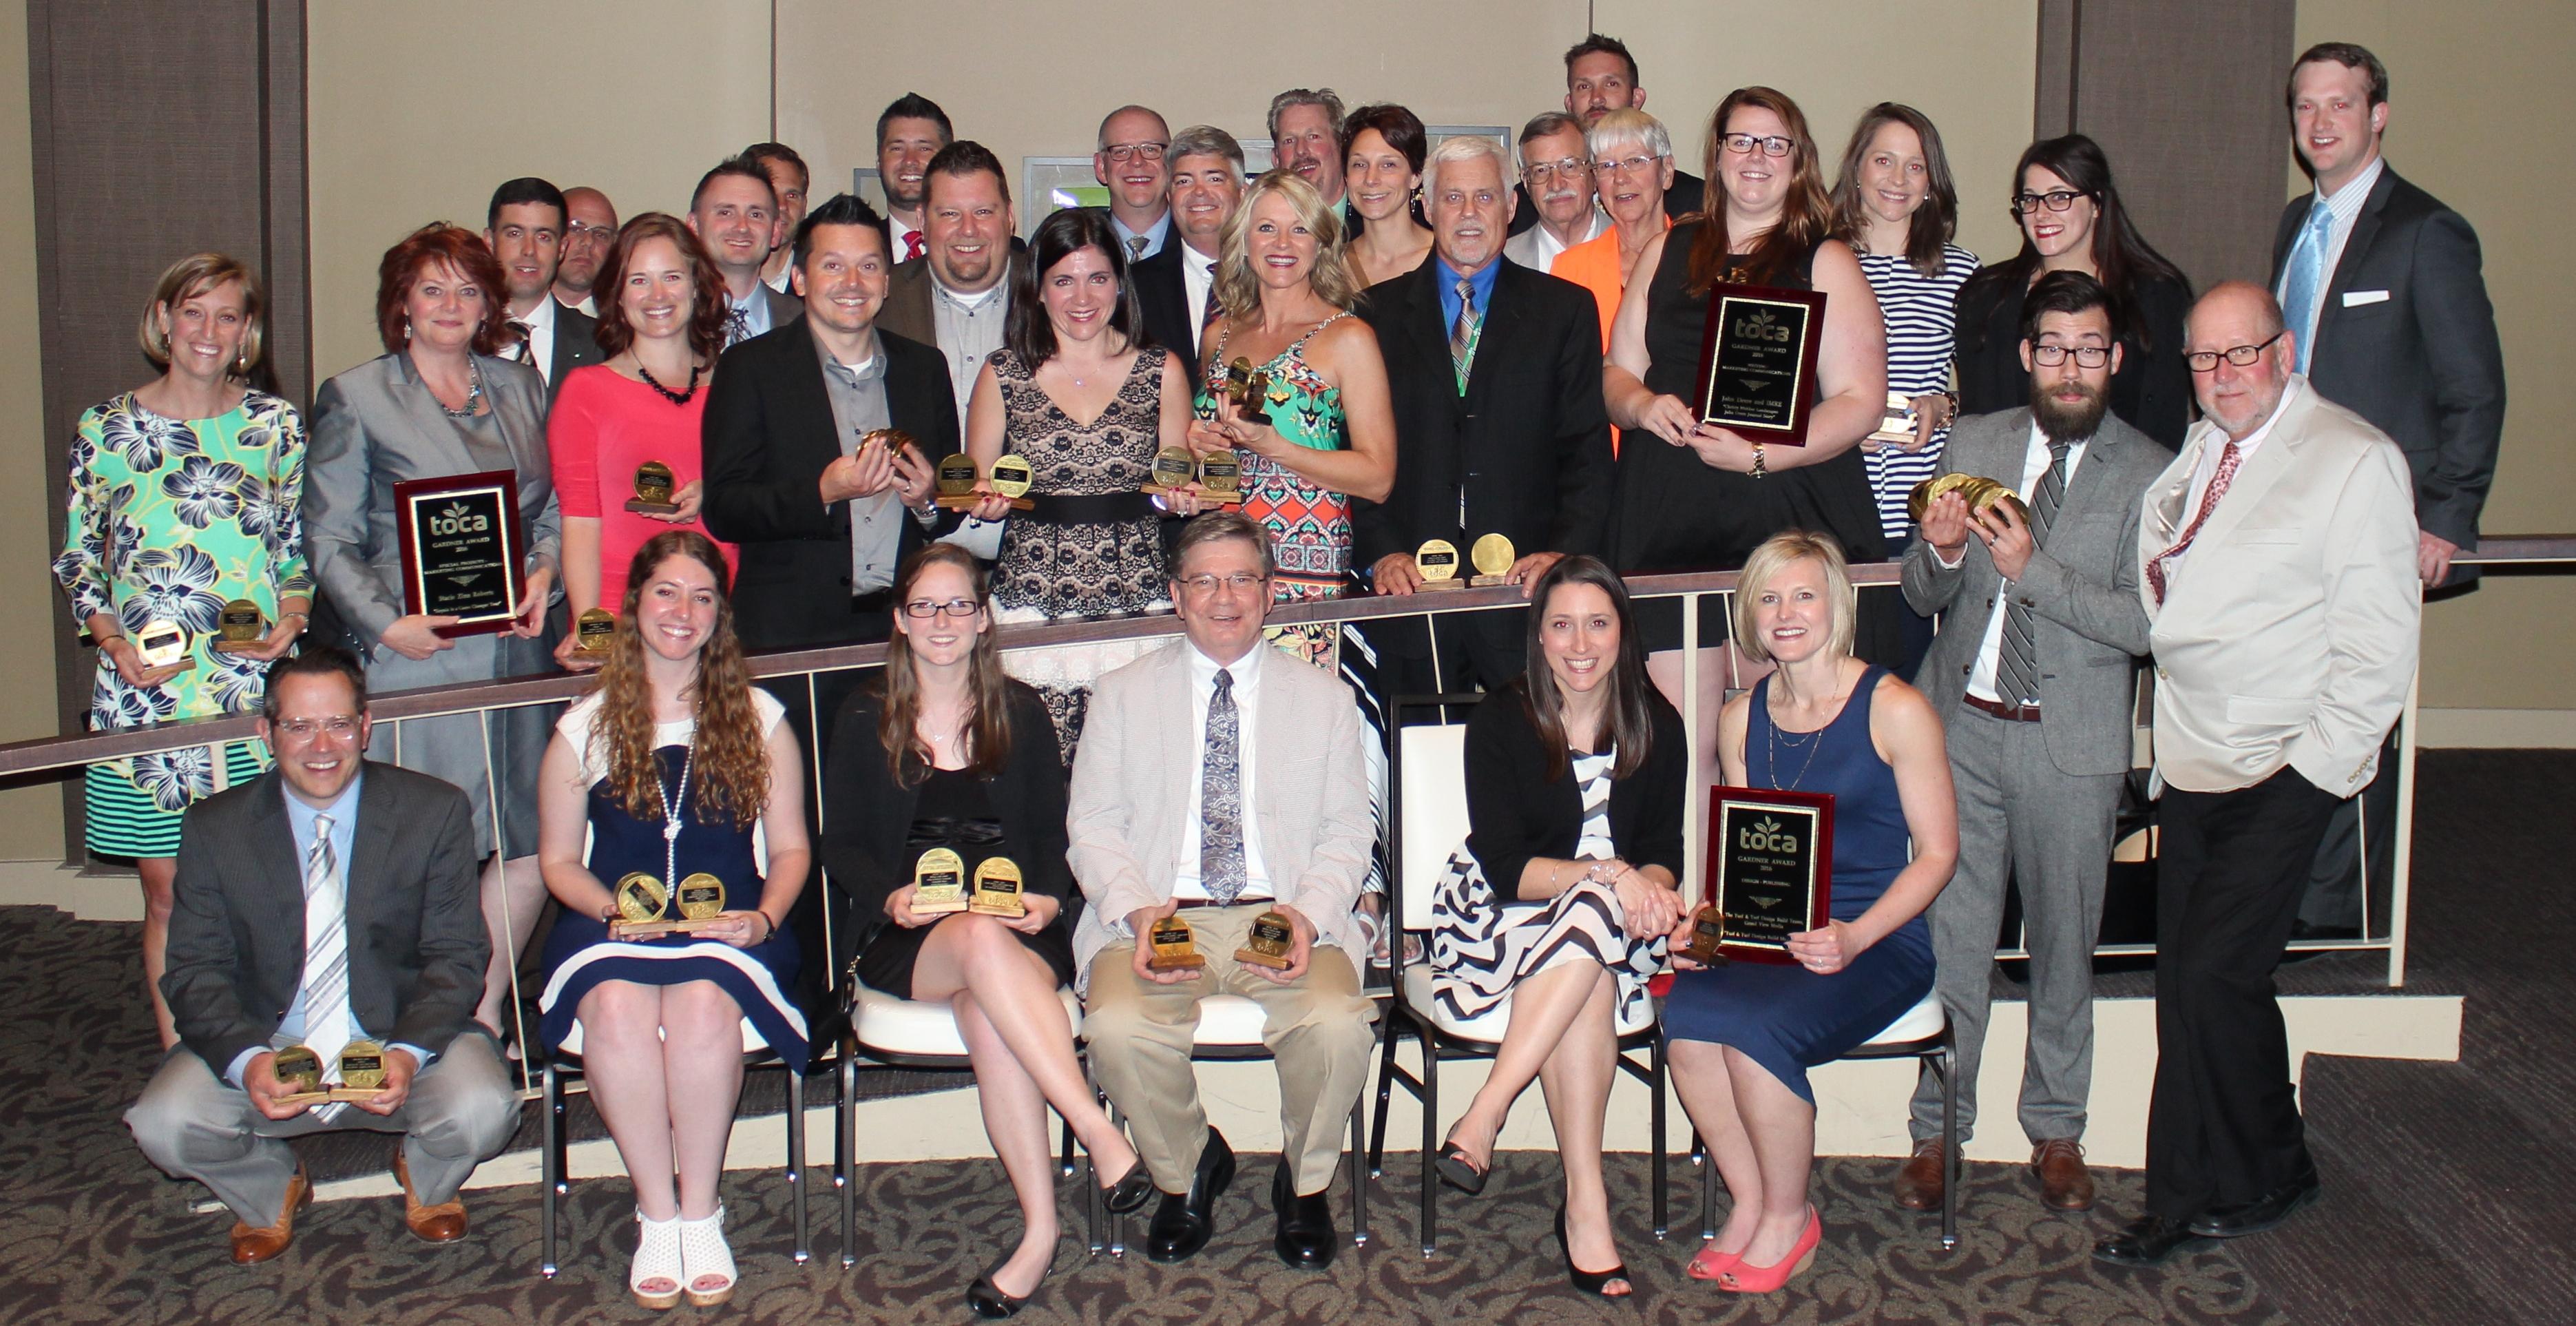 Group Awards Photo BEST